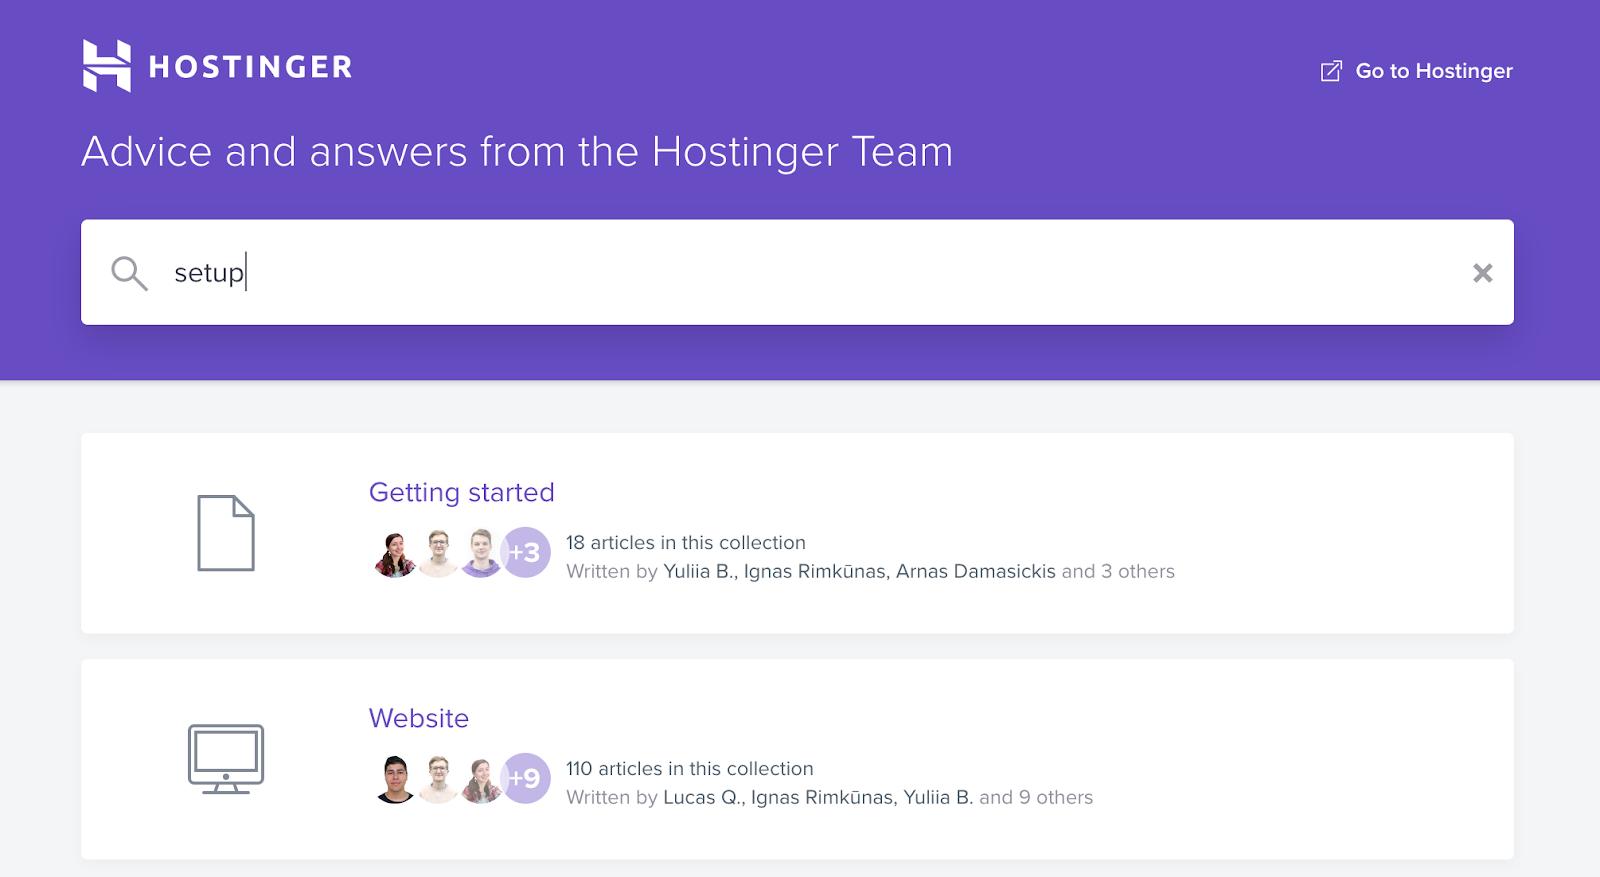 Hostinger FAQs